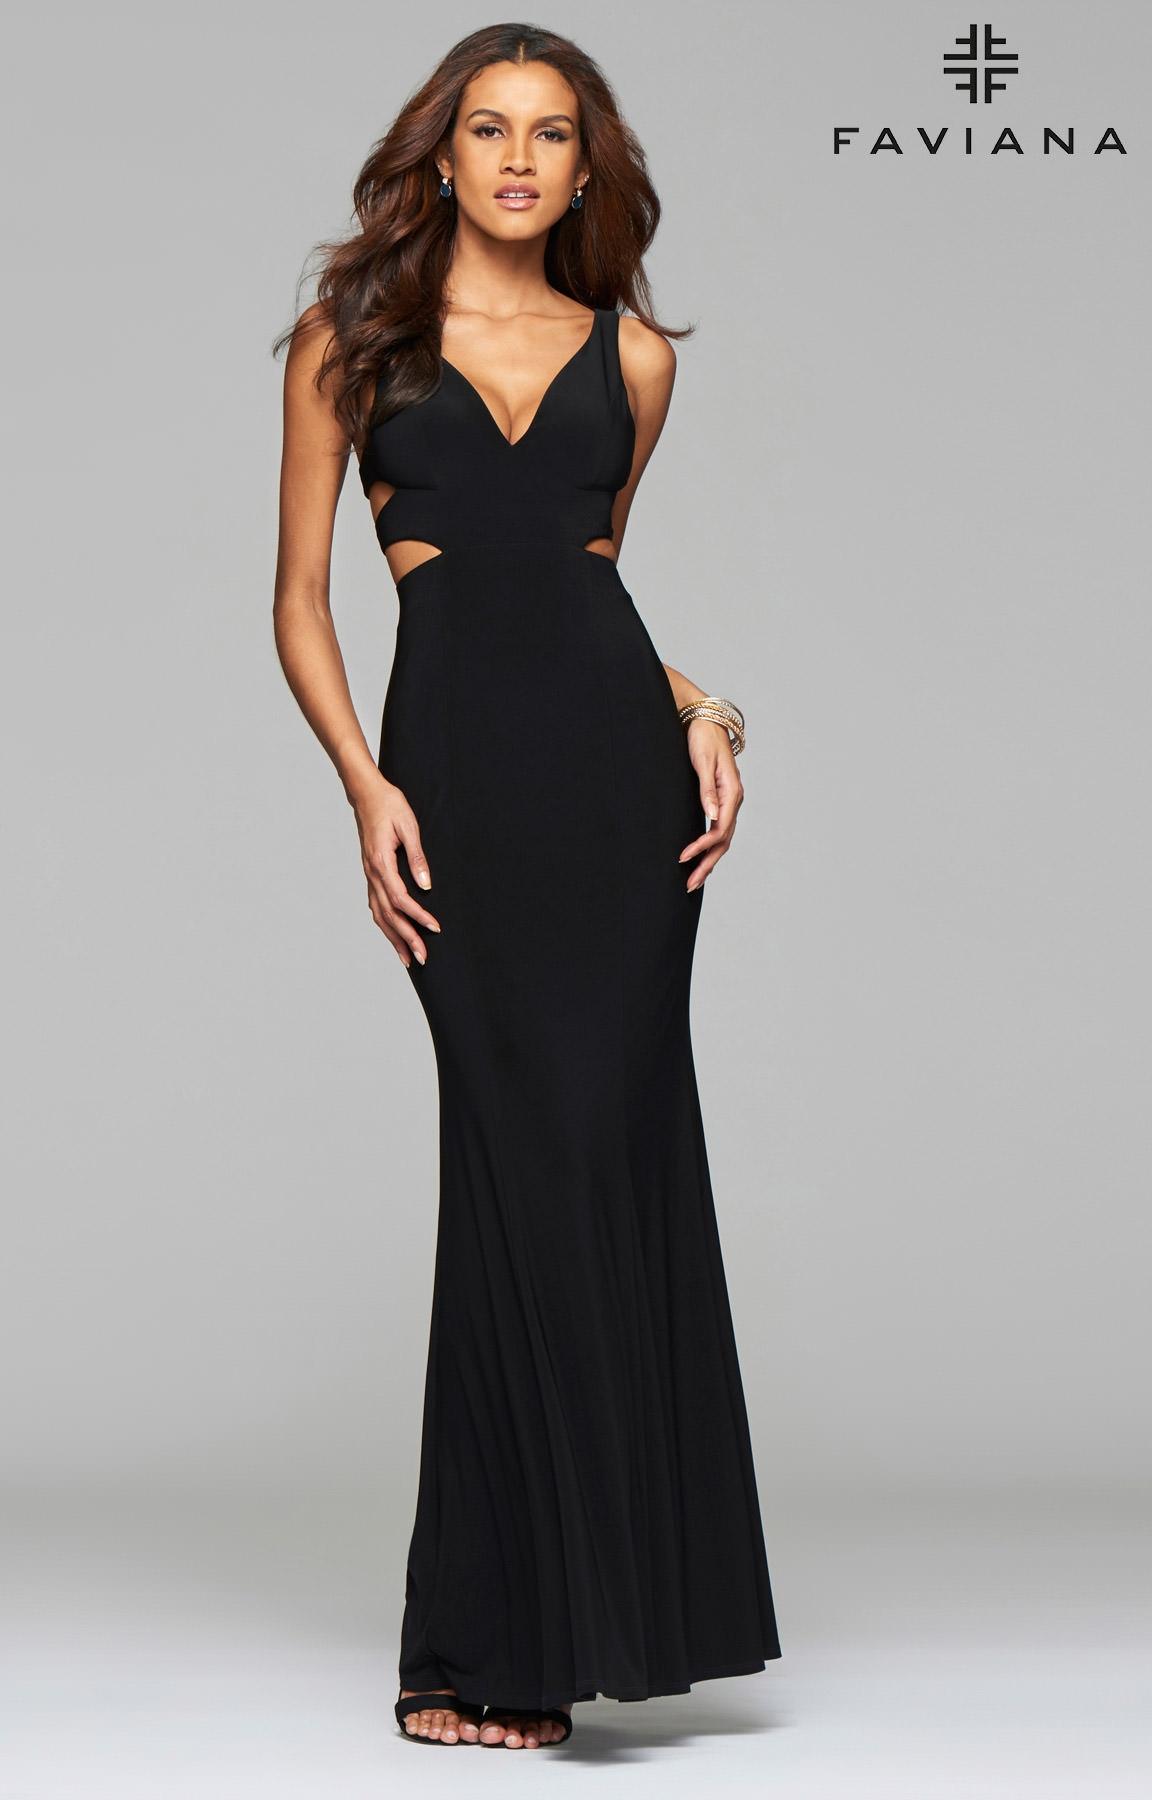 99f96afc7368 Faviana 7541 - Cut Me Up Dress